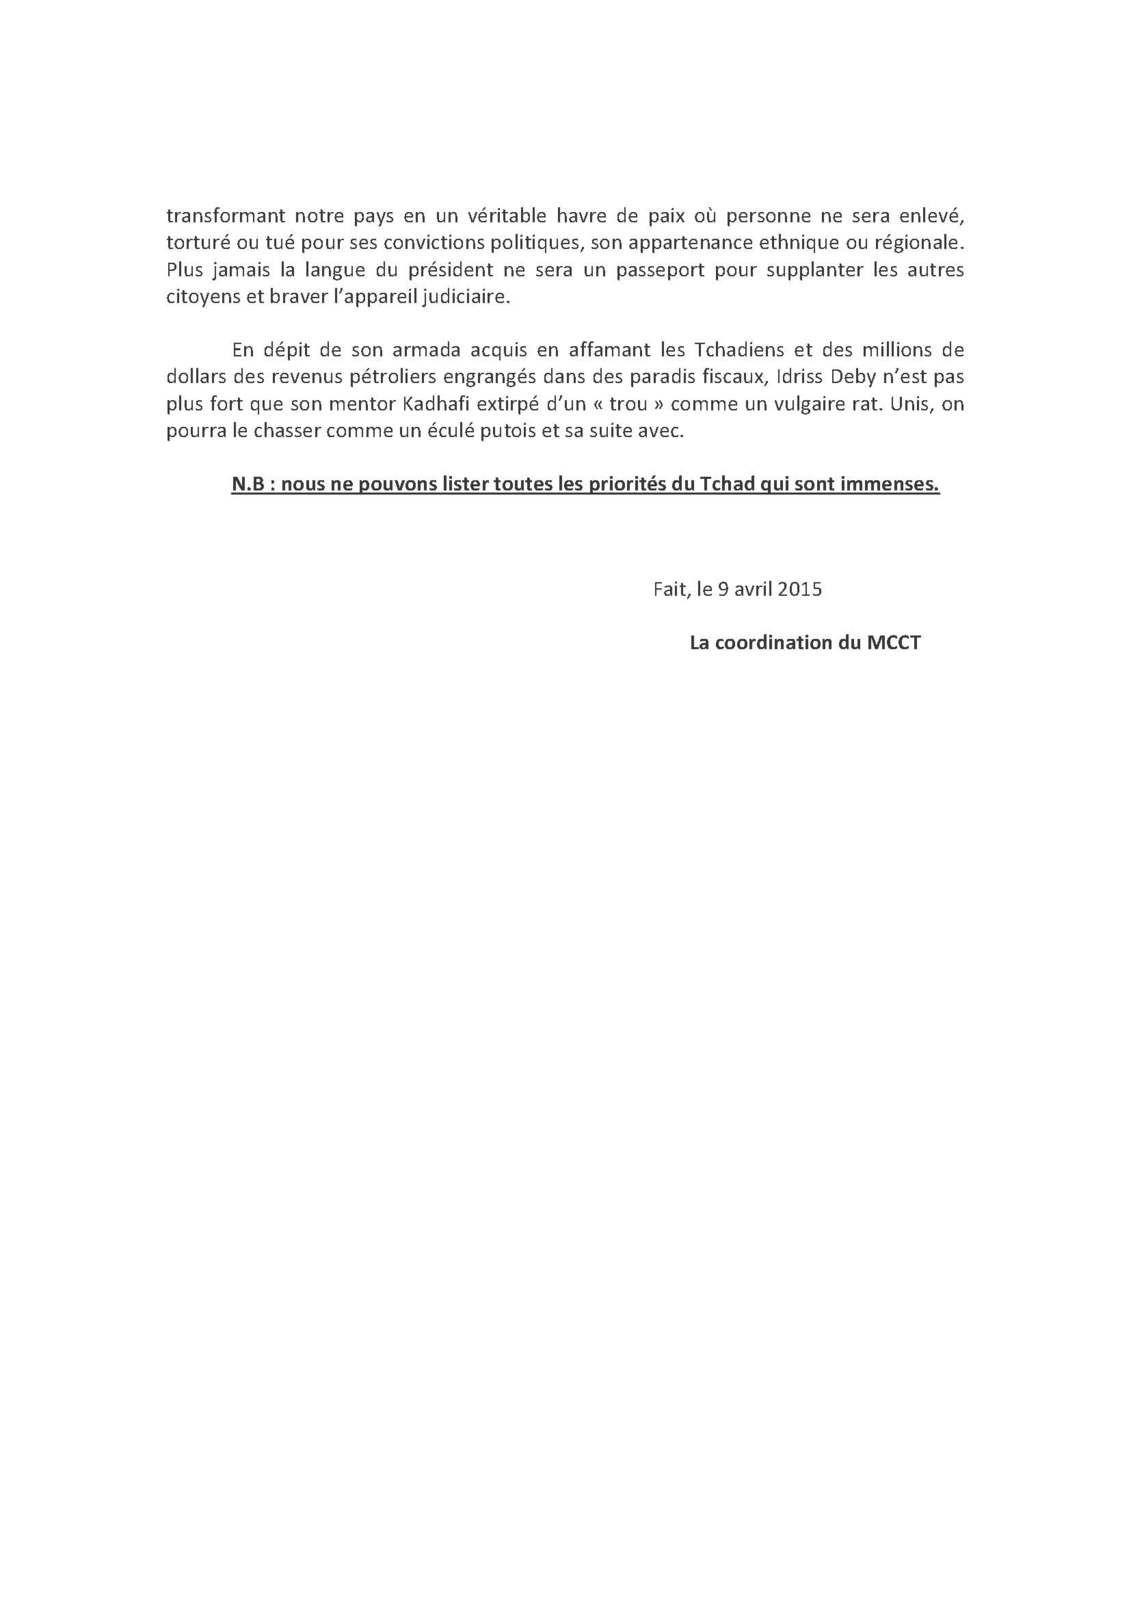 Projet du MCCT pour le Tchad